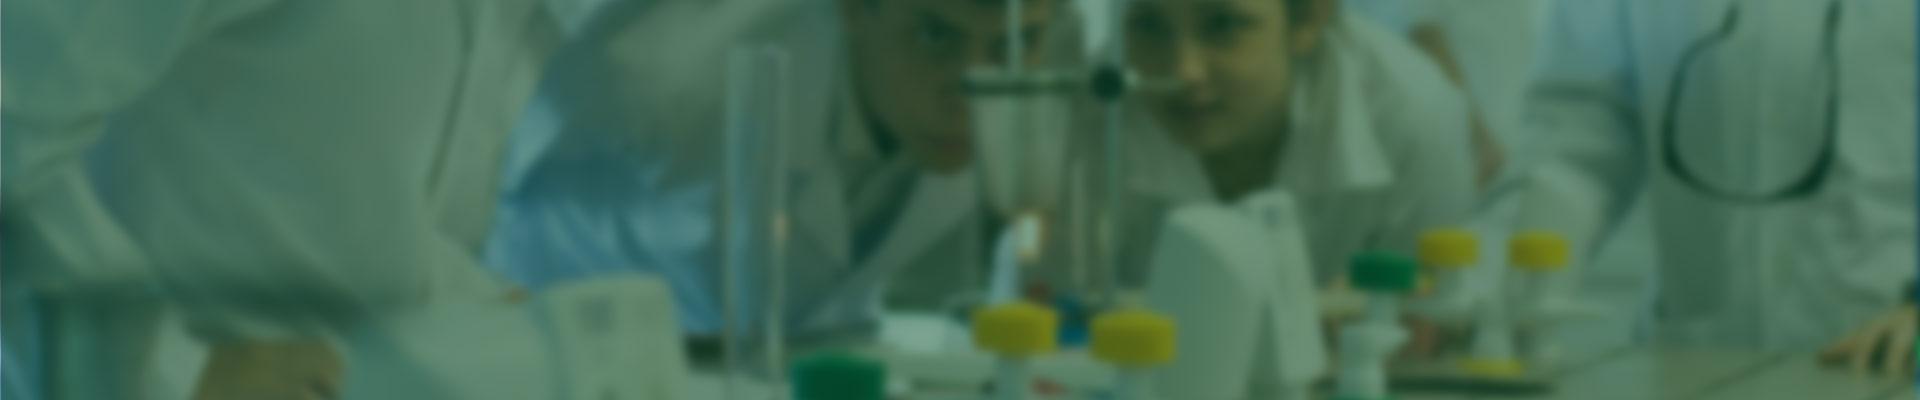 A geração e adoção de informações e novas tecnologias sempre foi um diferencial da Mineirão Sementes. Tal atuação visa acompanhar a evolução da agricultura, aperfeiçoando as práticas agrícolas de forrageiras e o desempenho produtivo das áreas cultivadas, com foco na eficiência produtiva de nossas sementes e na sustentabilidade dos recursos naturais.